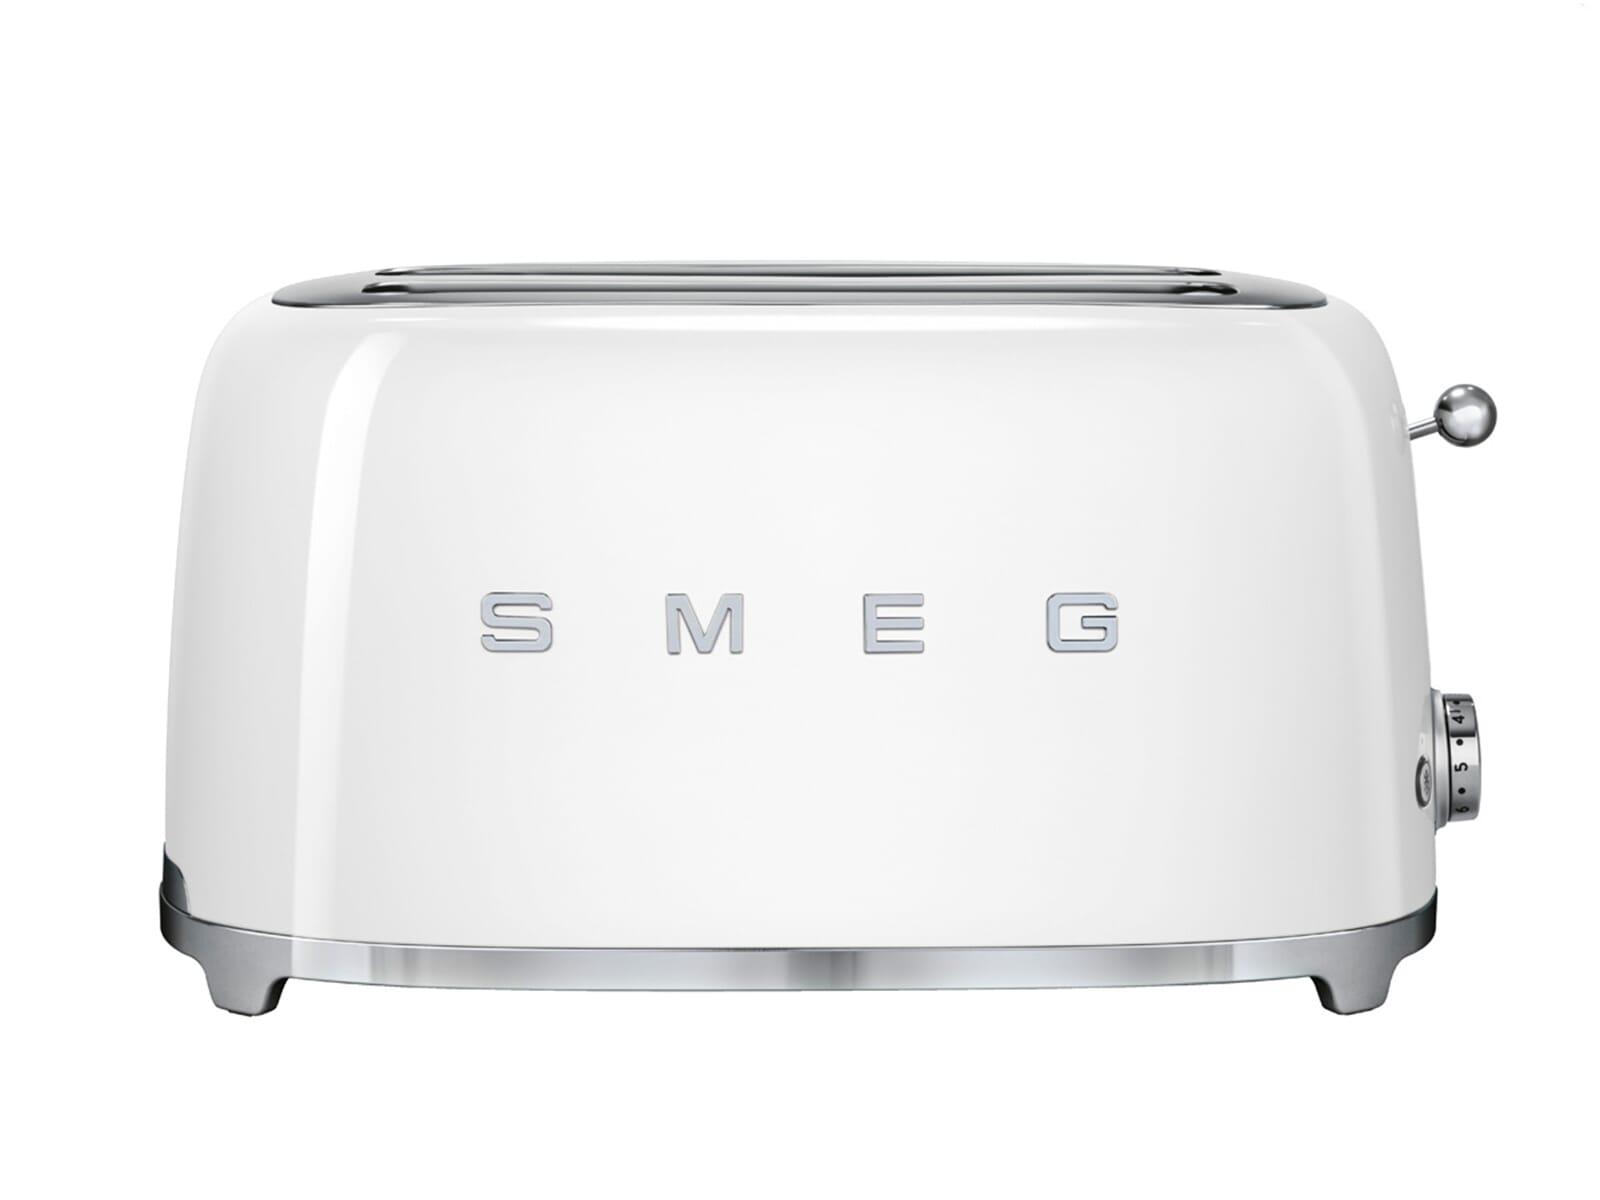 Smeg Kühlschrank Weiß Gebraucht : Smeg tsf wheu scheiben toaster weiß